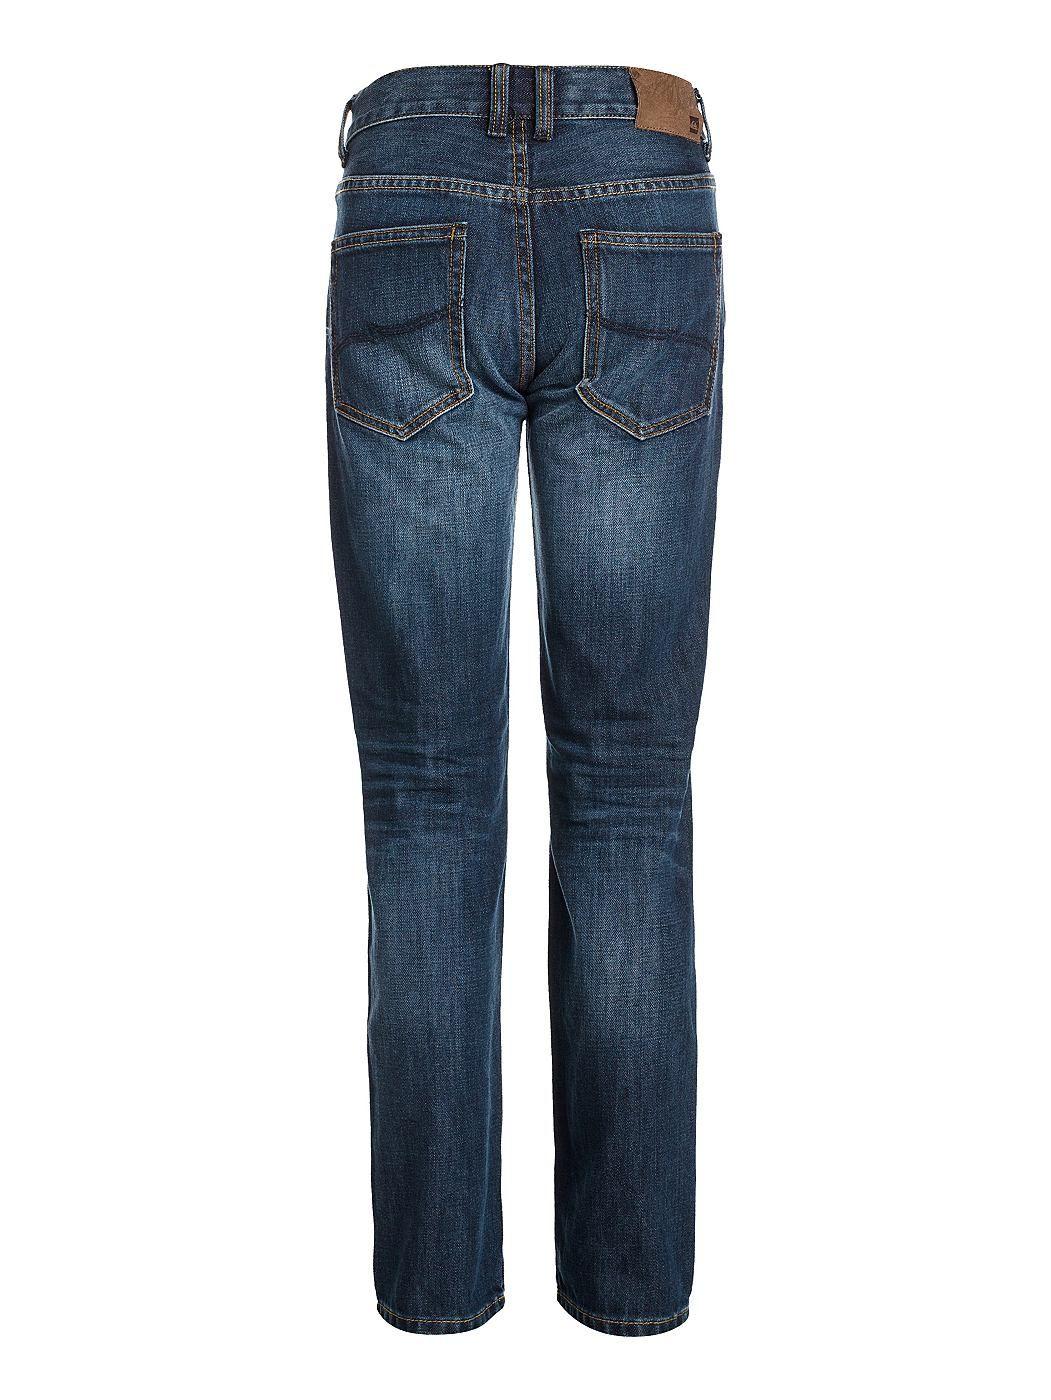 Sequel Aged Aw Youth - QUIKSILVER Denim-Hose mit 5 Taschen für Jungen Diese Quiksilver Denim-Hose für Jungen aus Baumwolle in einer Regular-Fit-Passform ist die perfekte Ergänzung zur Bekleidungskollektion für den Winter 2014. Außerdem präsentiert sie sich in einem 340 g mittelschweren Denim-Stoff in dunkelblauer Farbe mit einem gebürsteten Effekt an Oberschenkeln und Gesäß.   Merkmale: Denim-H...